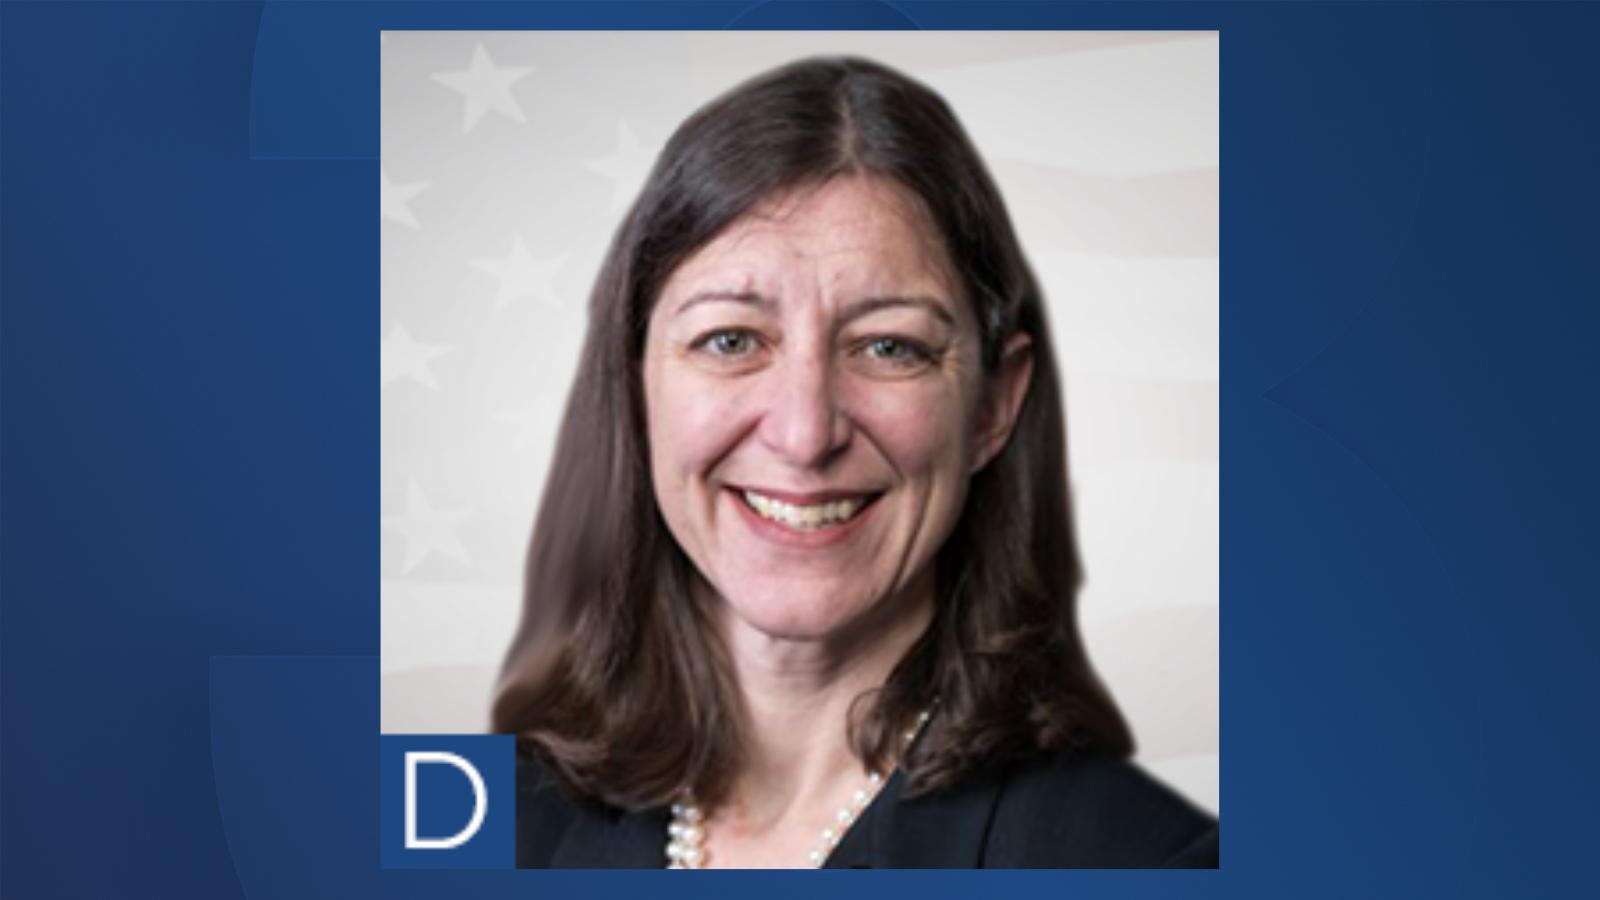 Rep. Elaine Luria responds to recent Capitol events, impeachment